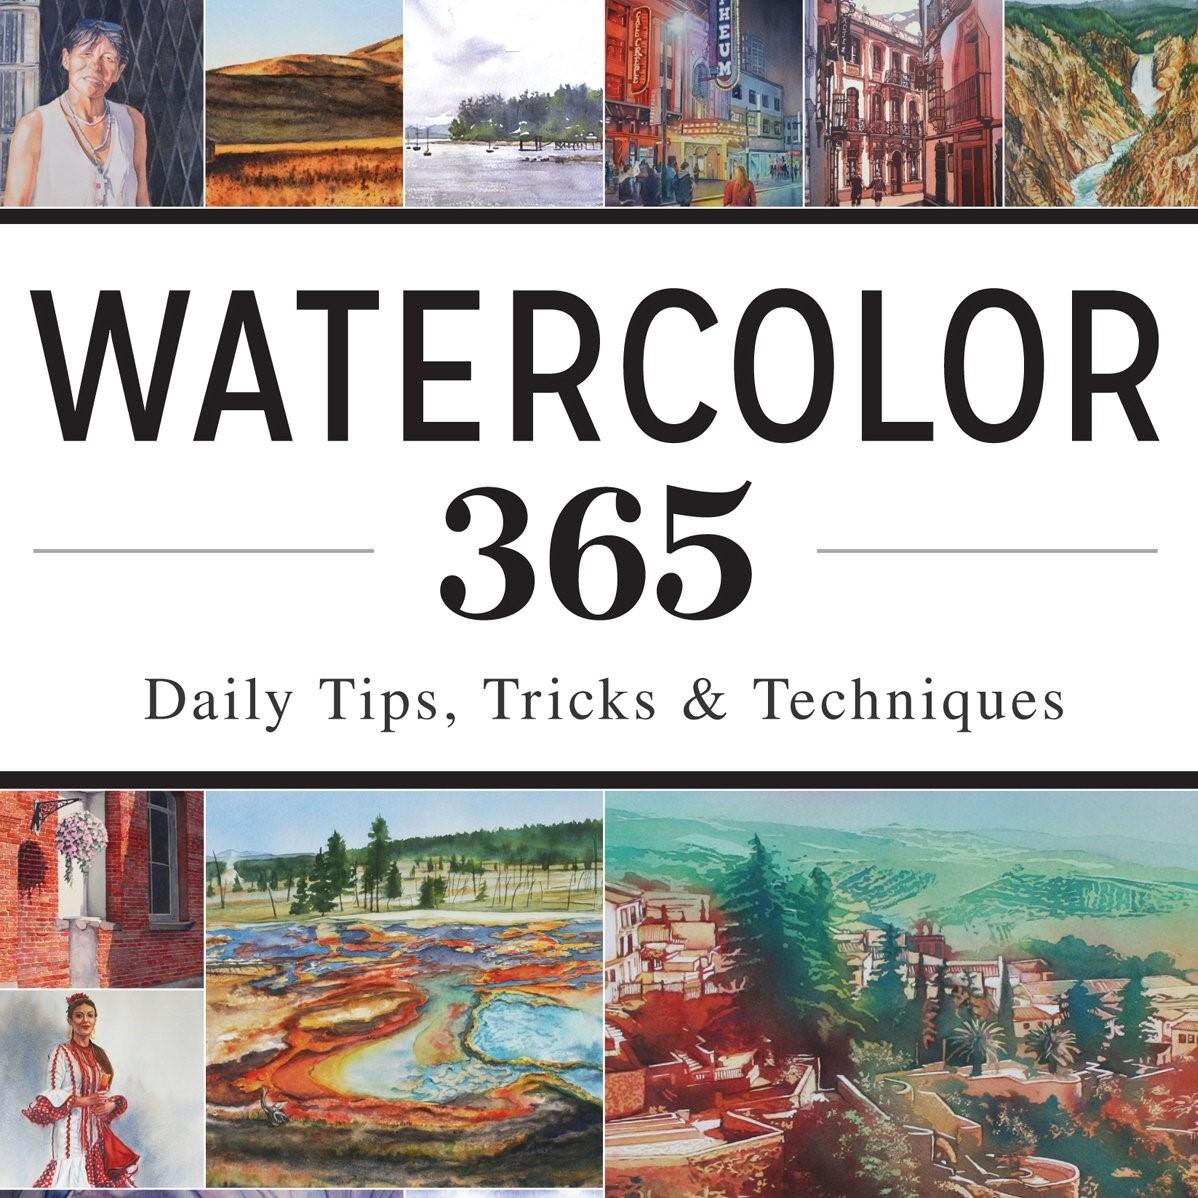 【水彩書籍介紹】Watercolor 365: Daily Tips, Tricks, andTechniques